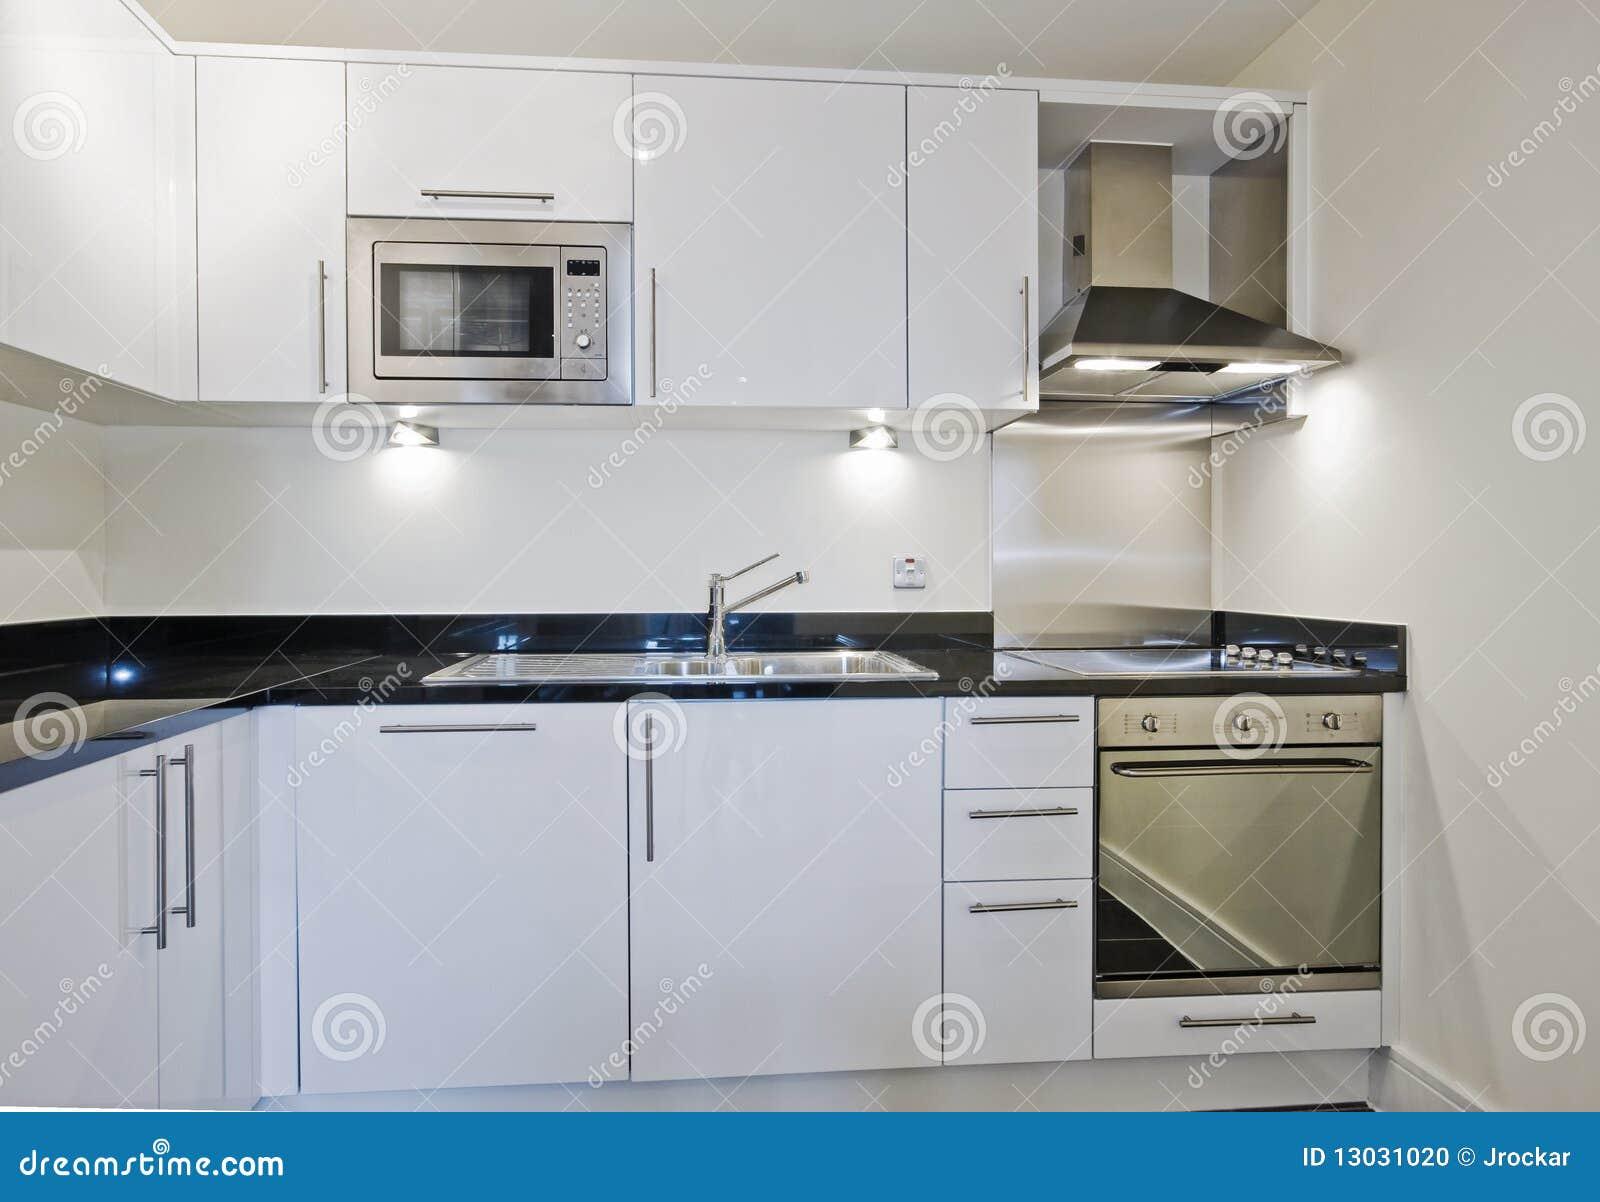 Cocina blanca moderna foto de archivo imagen de hood 13031020 - Cocina blanca moderna ...